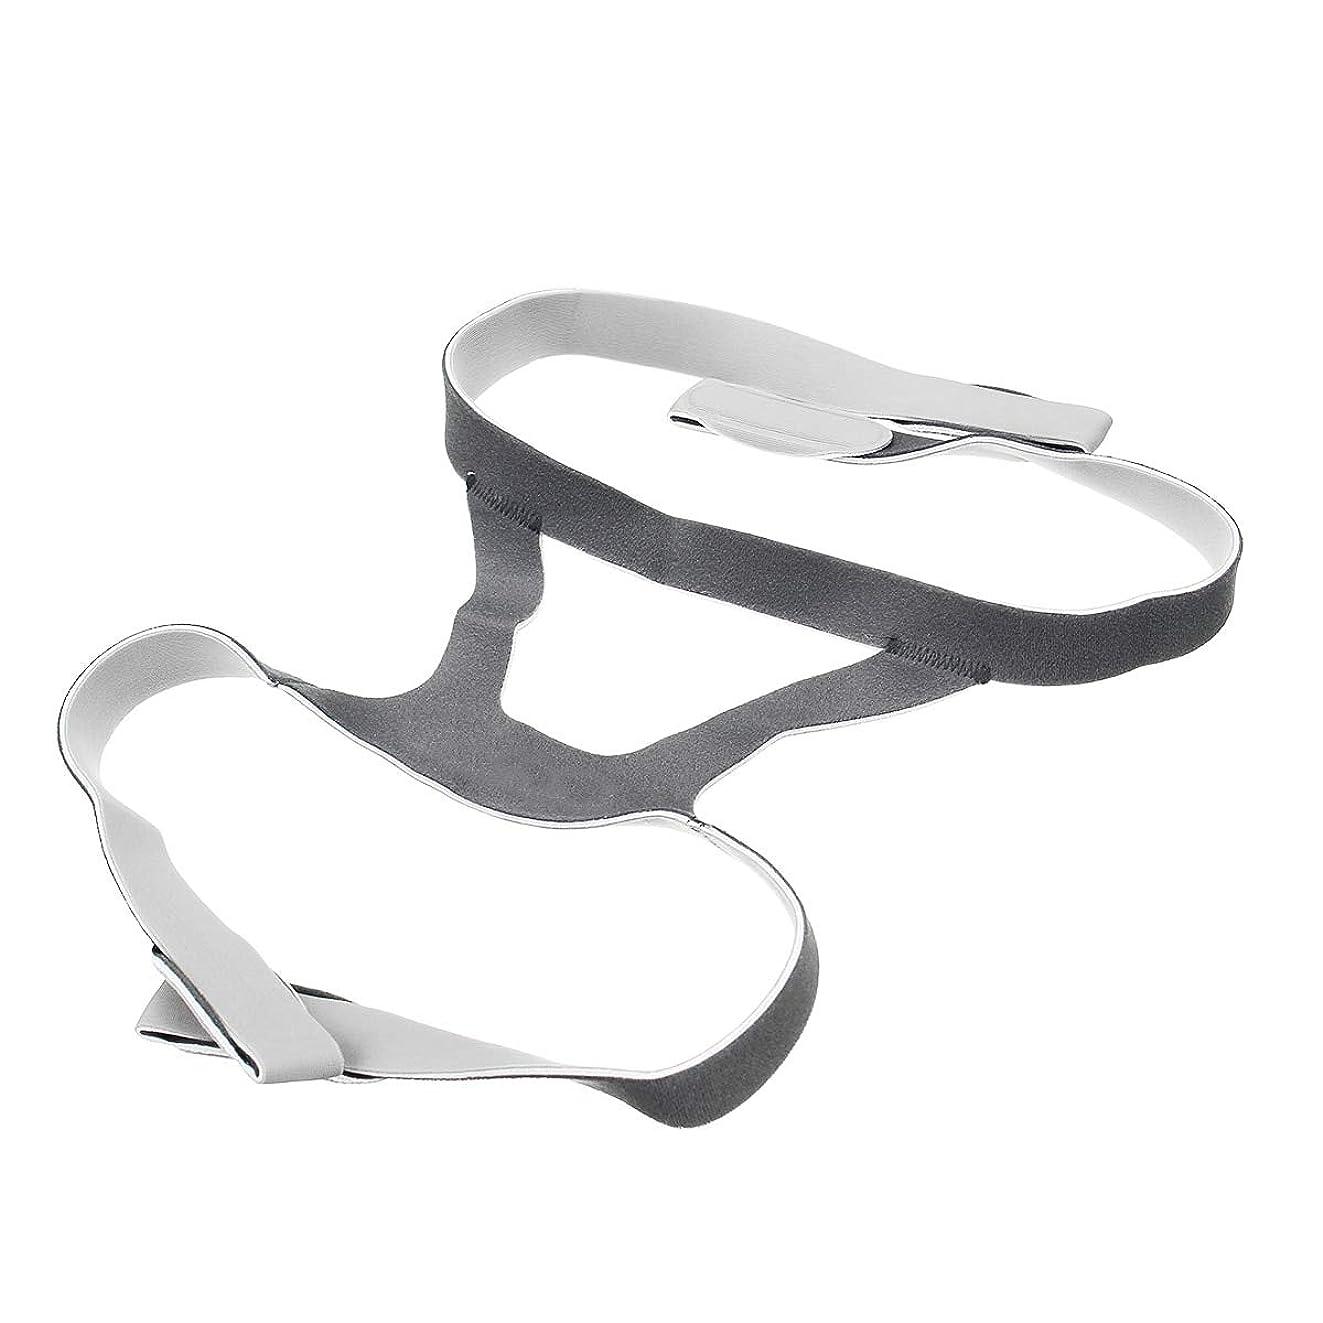 クリップ蝶精査保護するNOTE ユニバーサルヘッドギアCPAPマスク弾性繊維いびき防止ヘッドバンド鼻マスクヘッドベルトフェイスマスクストラップ用援助睡眠